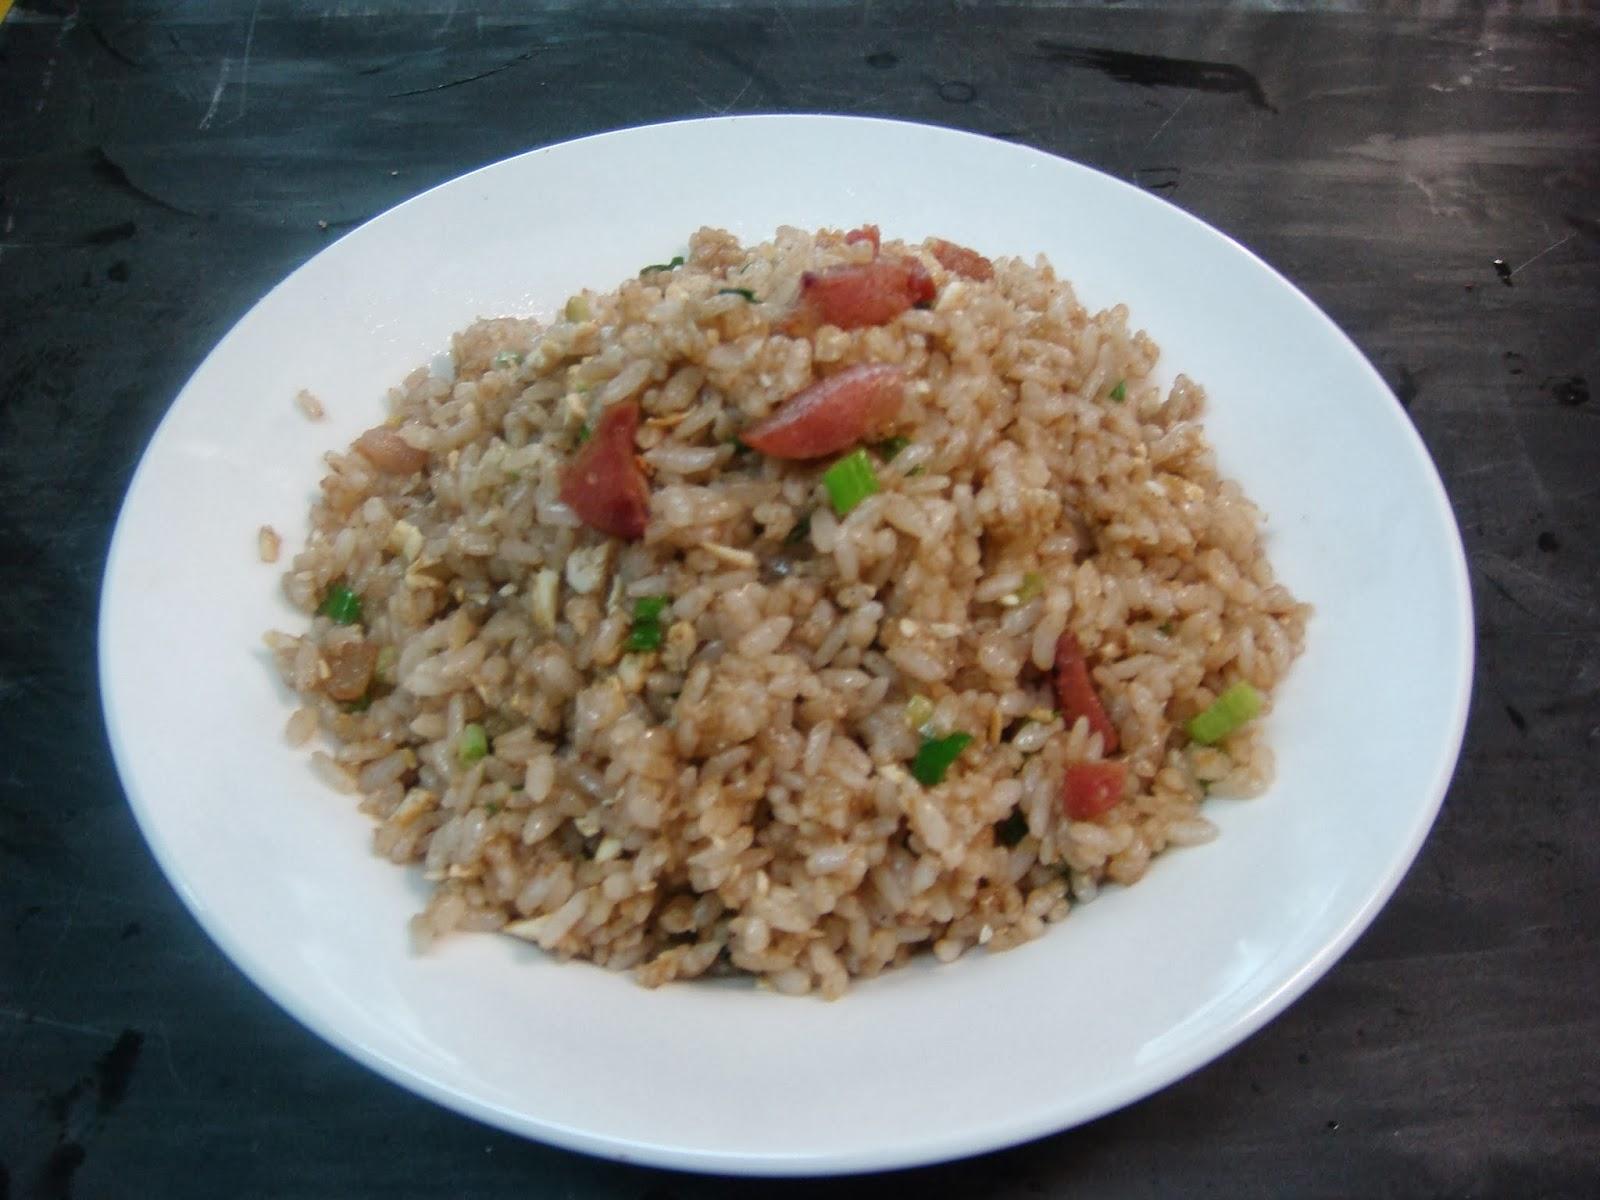 特製炒飯(塩漬けタマゴと腸詰め入り特製チャーハン)